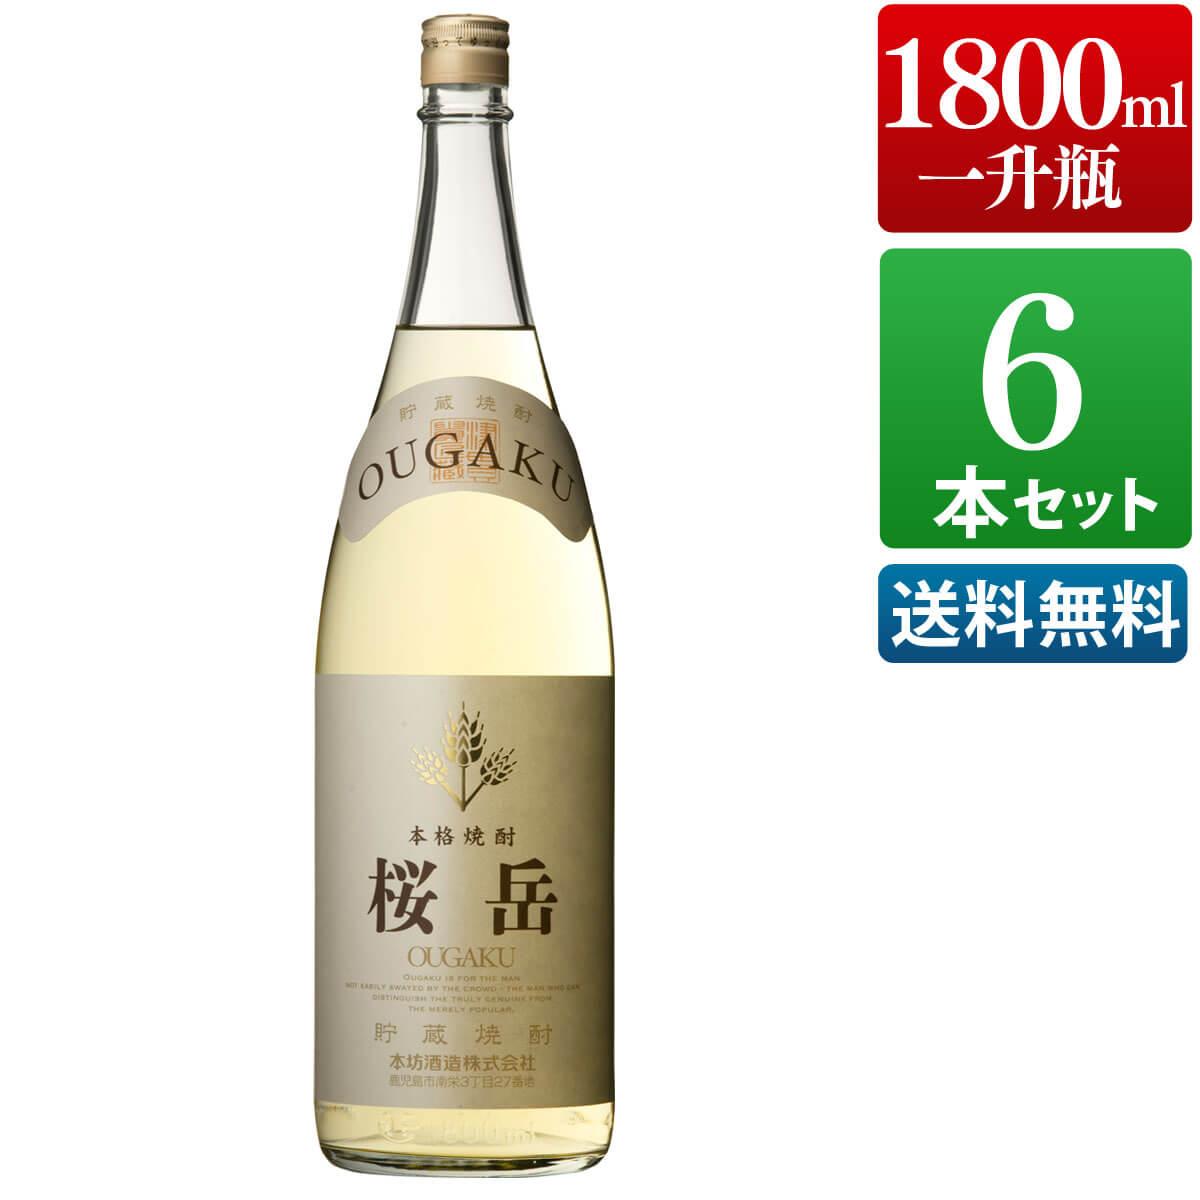 麦焼酎 6本セット 桜岳 25度 1800ml [ 本坊酒造 麦焼酎 / 鹿児島県 / 一升瓶 / 送料無料 ]